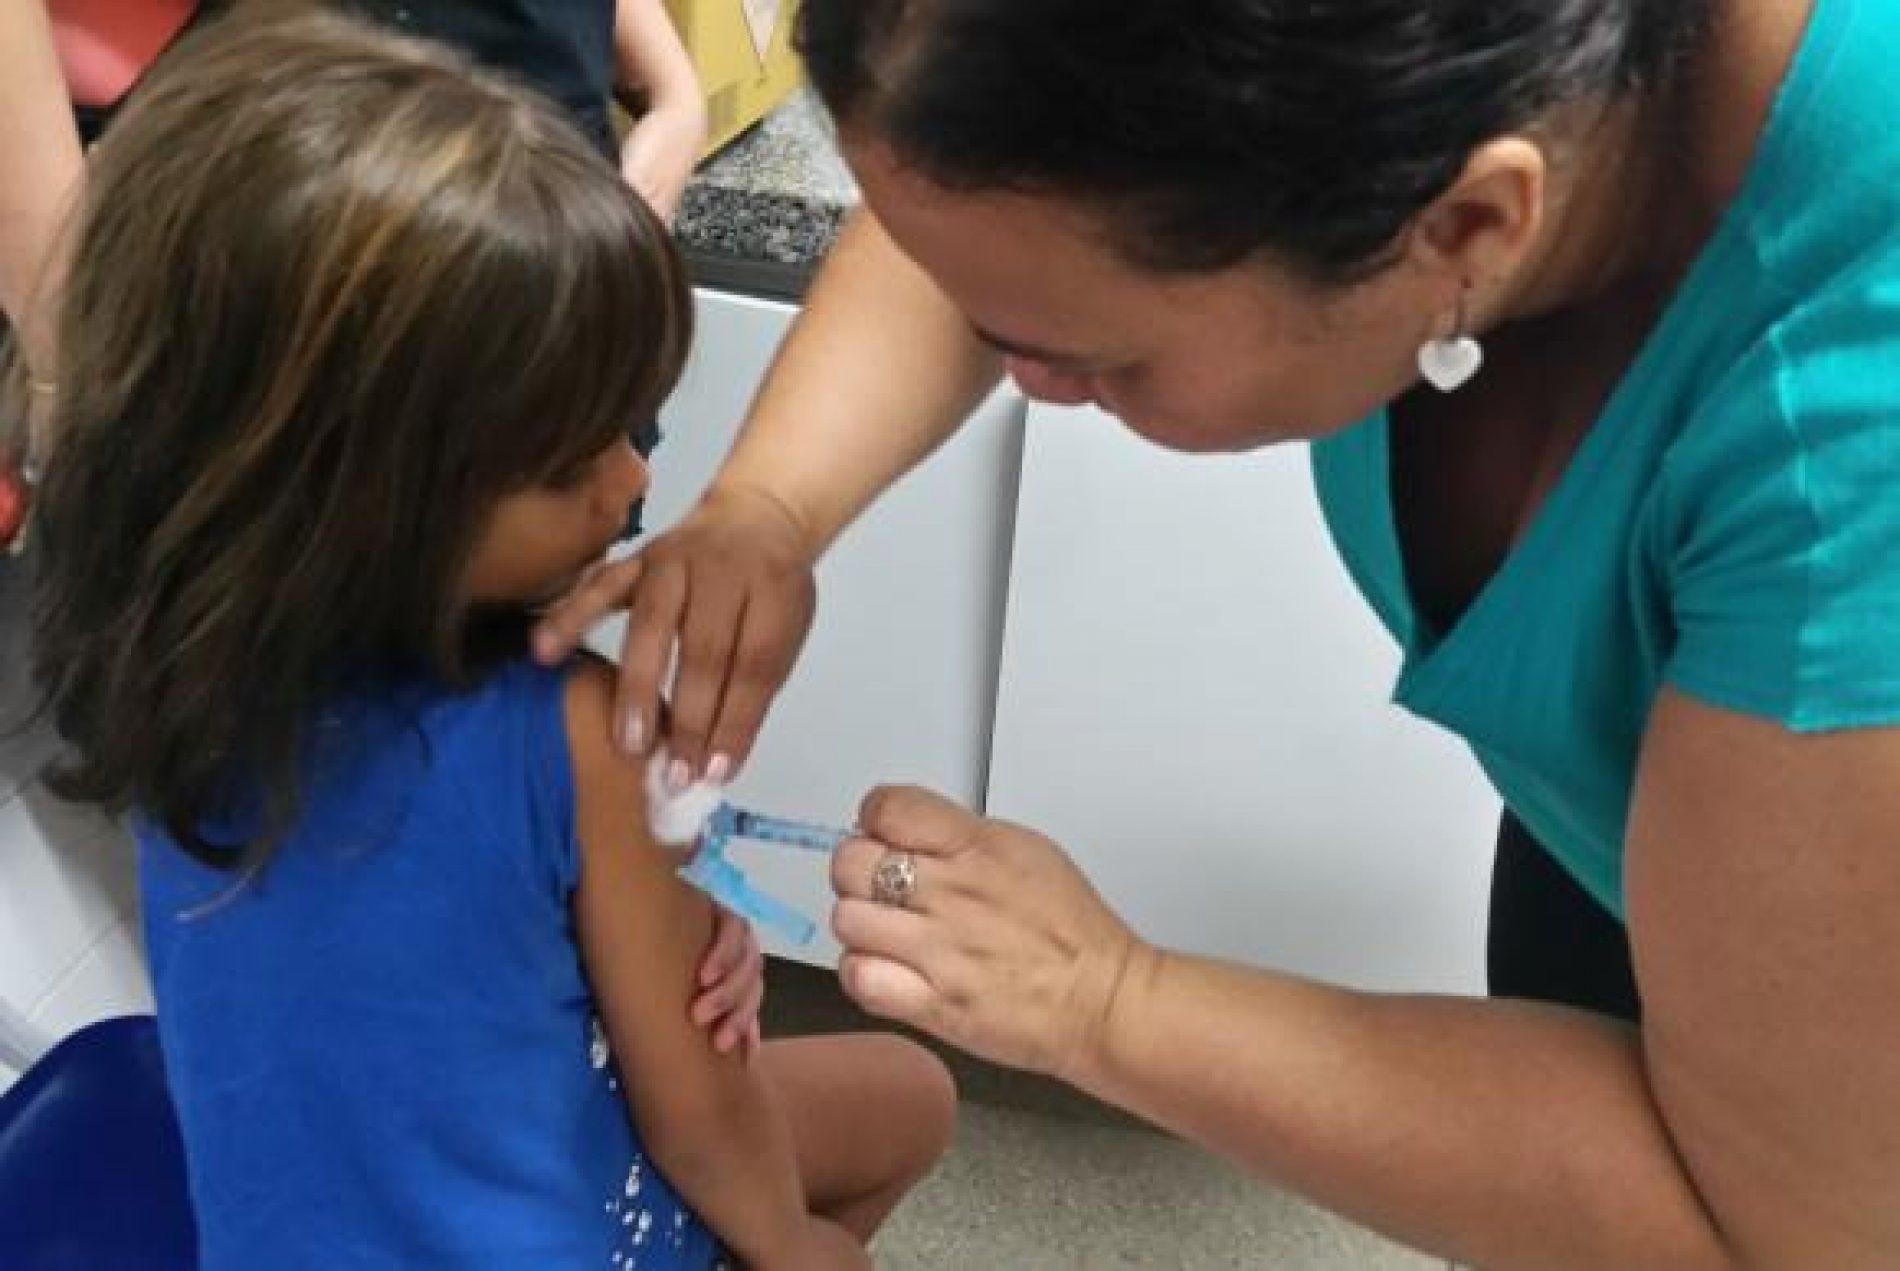 Termina hoje prazo para atualizar carteira de vacina de crianças e adolescentes